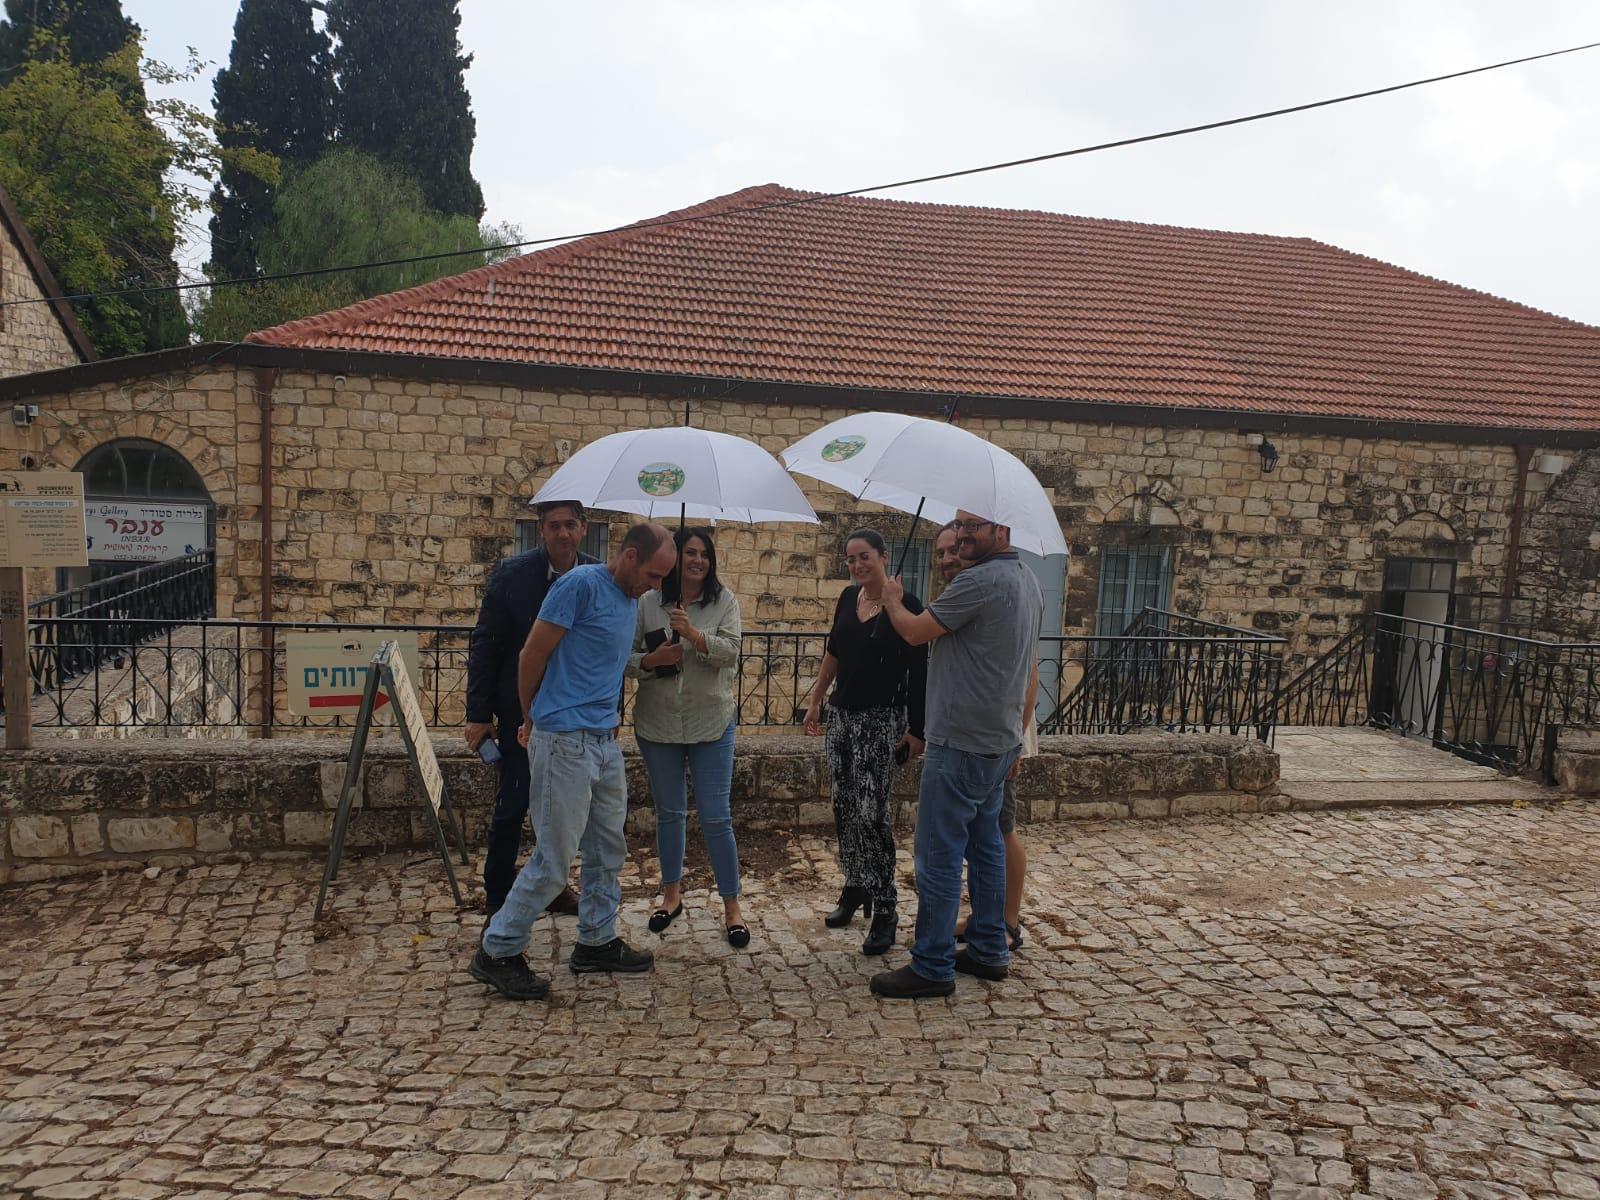 צוות משרד התיירות בסדנה בראש פנה